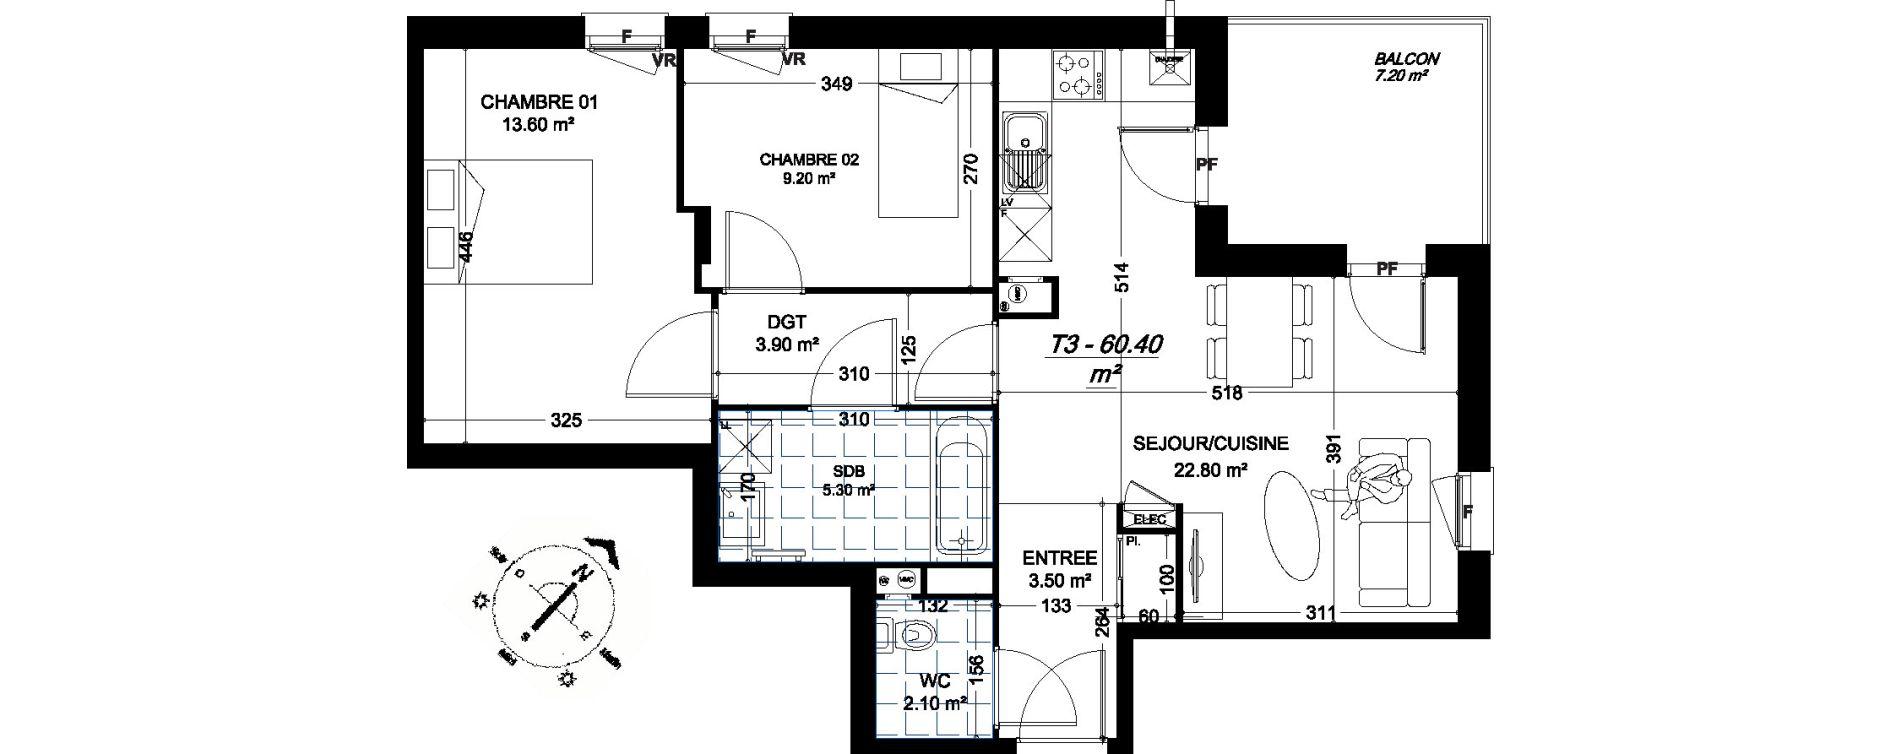 Appartement T3 de 60,40 m2 à Amiens Montières